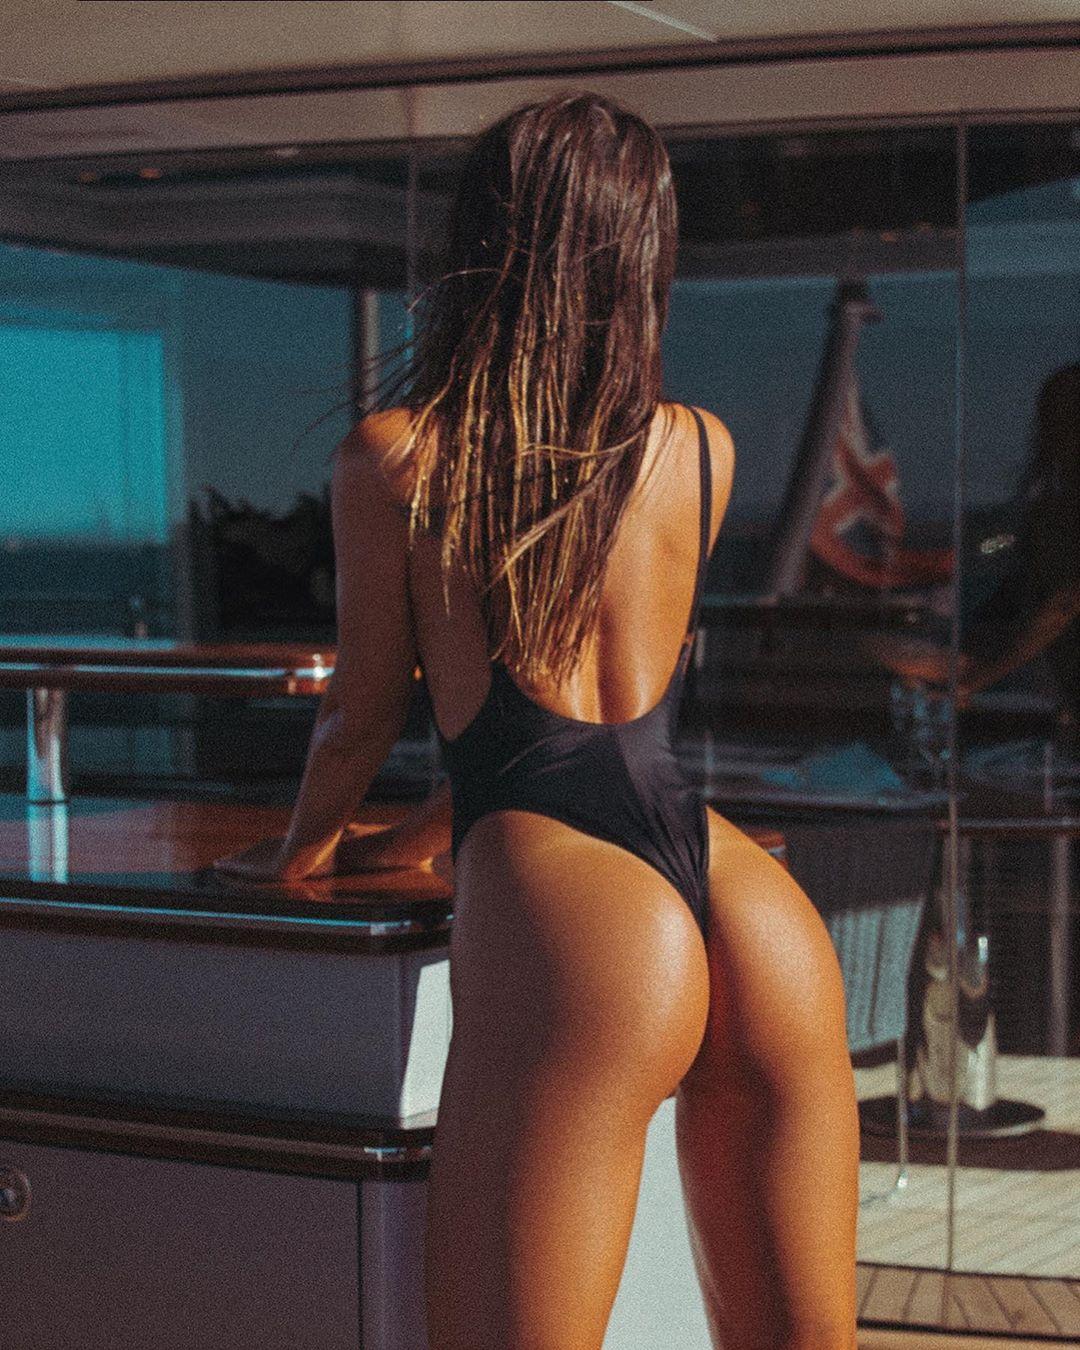 Брюнетка хвастается загорелой попкой на яхте